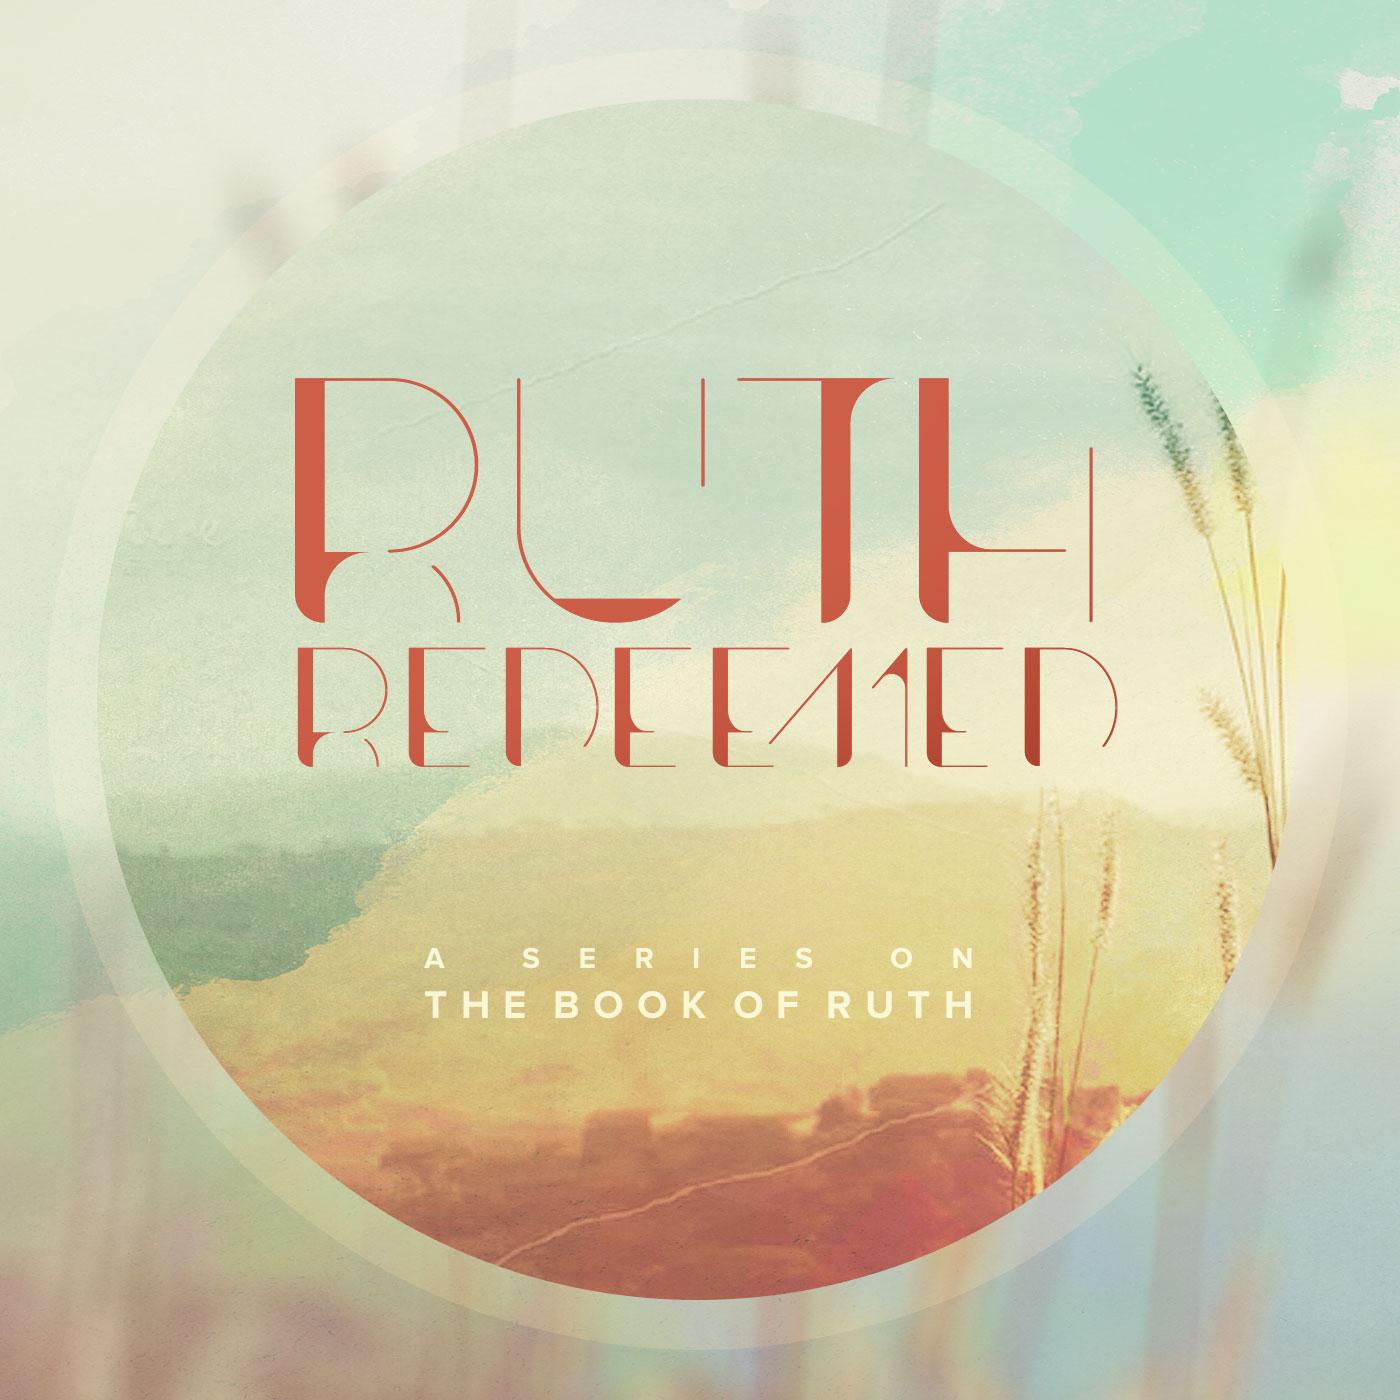 Ruth Redeemed